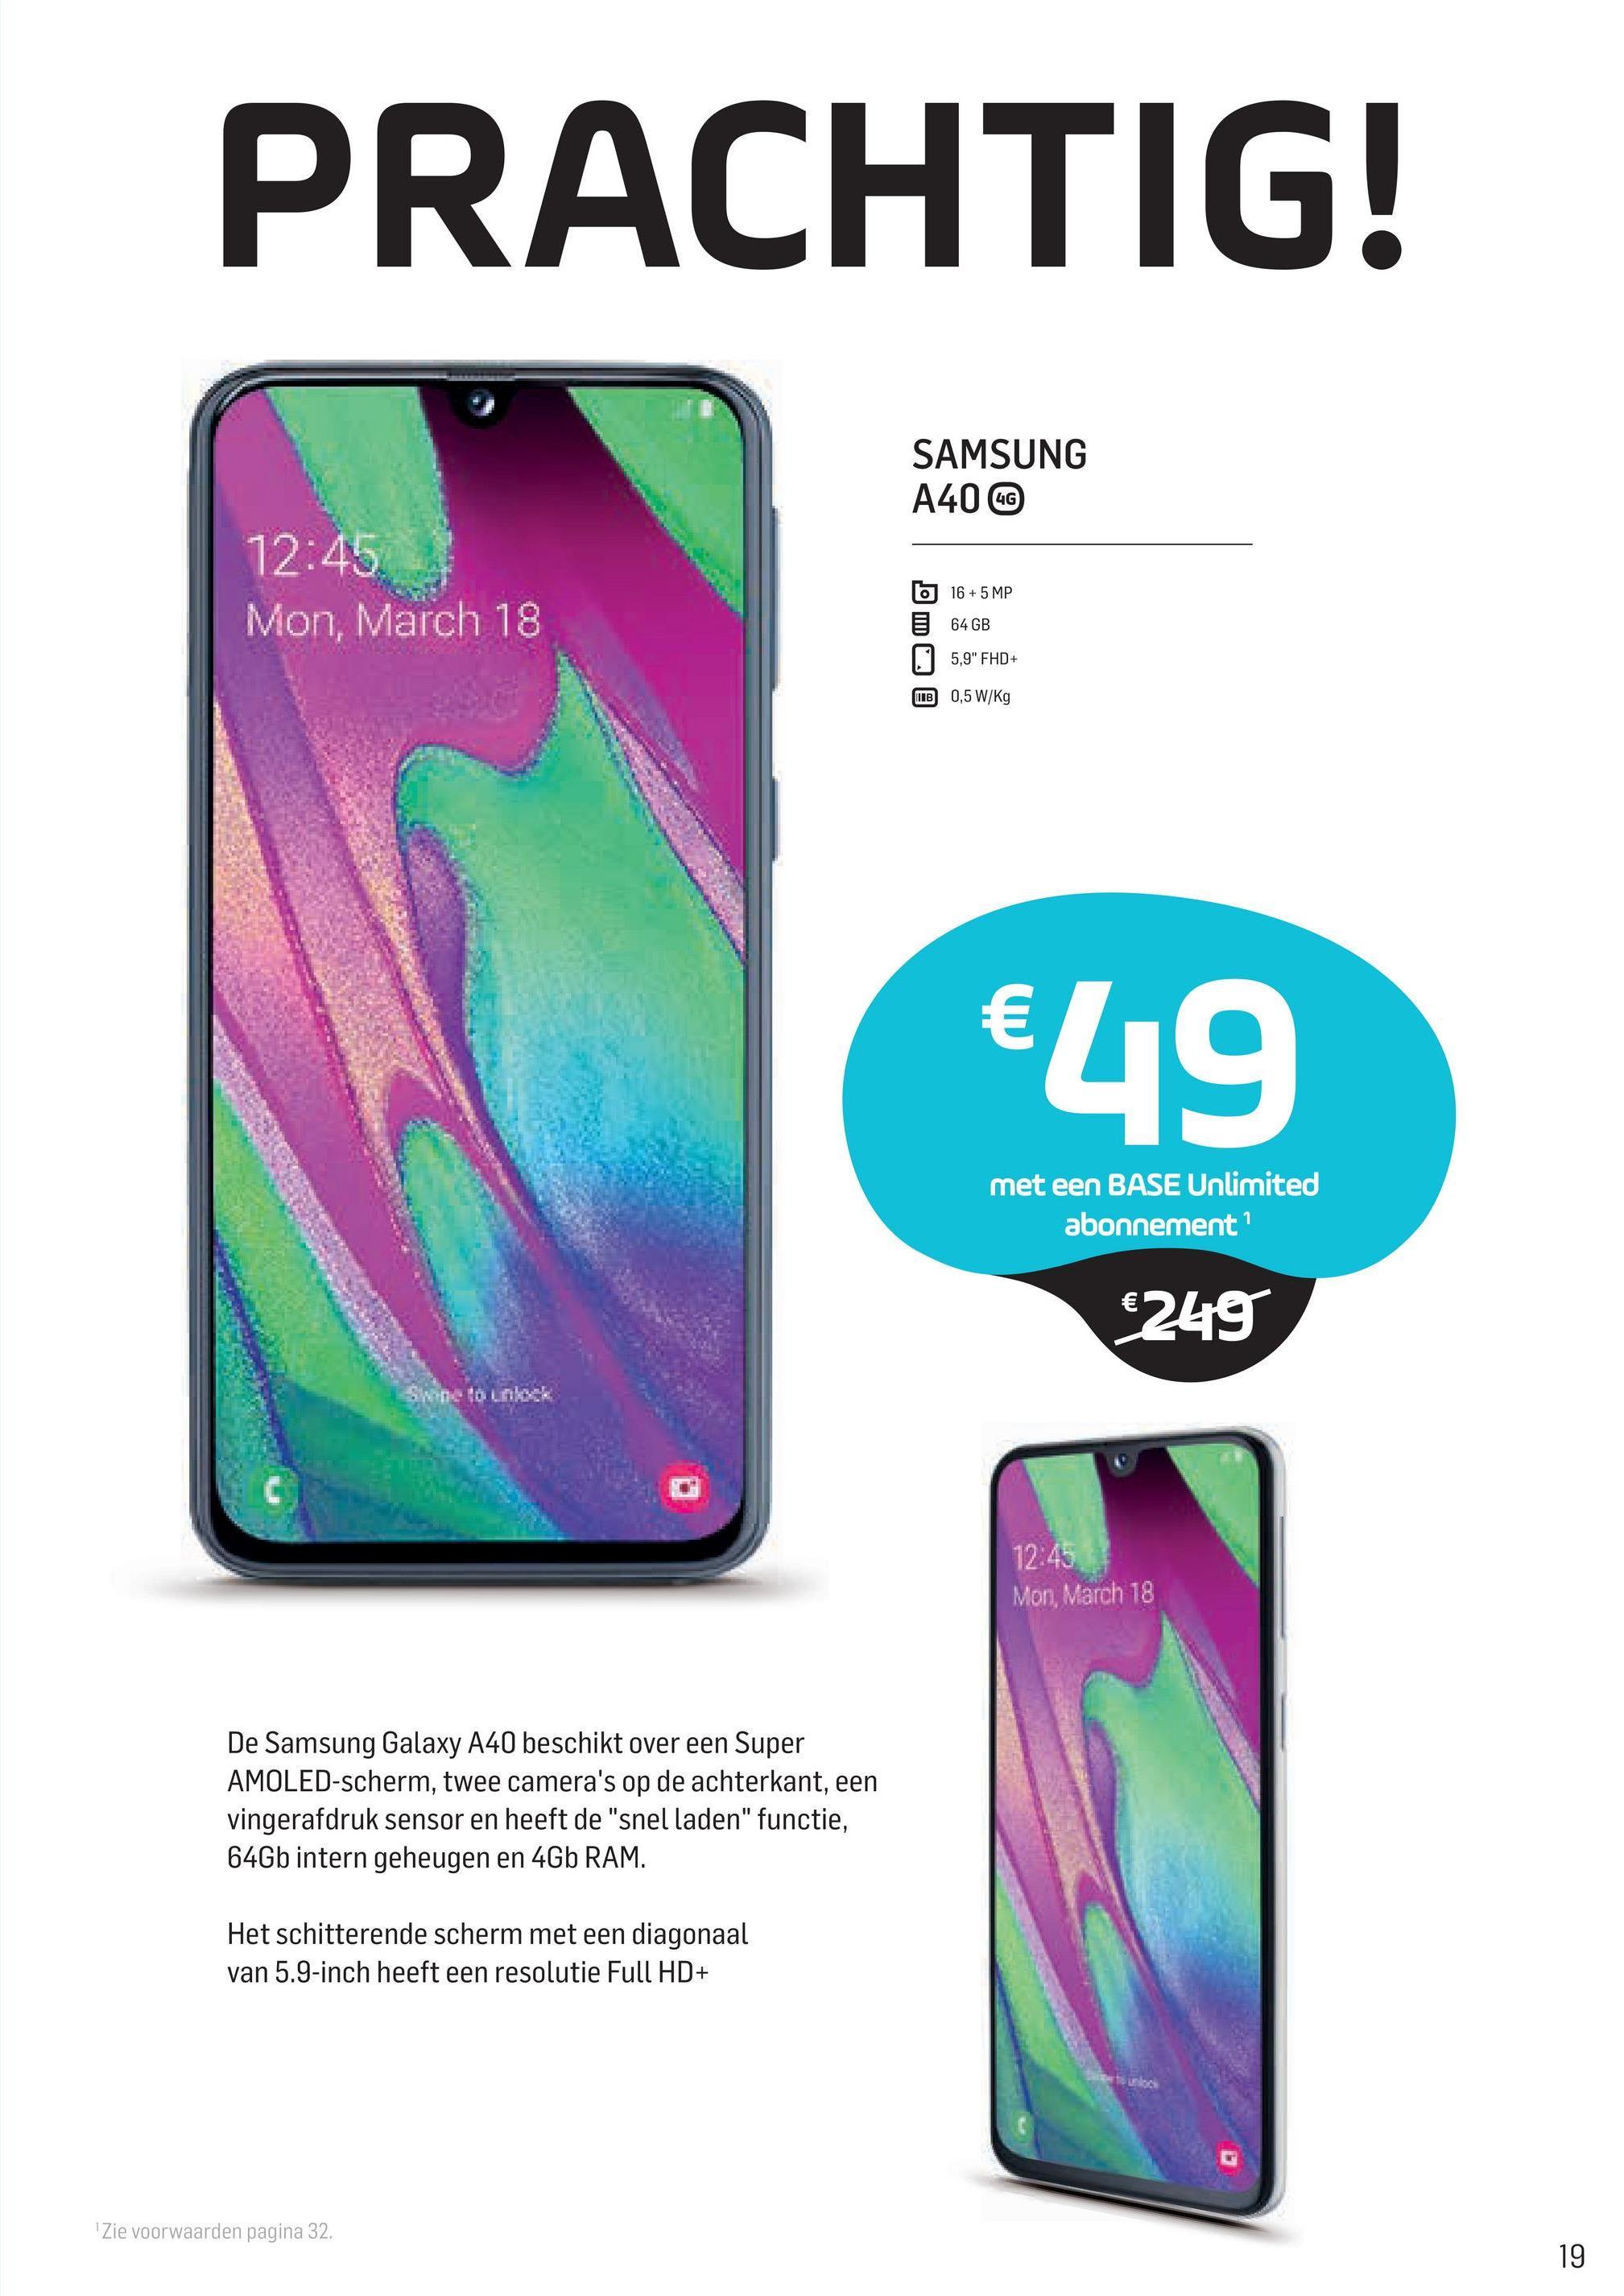 """PRACHTIG! SAMSUNG A40 CC 12:45 Mon, March 18 b 16 + 5 MP 64GB 5,9"""" FHD+ B 0,5 W/Kg €49 met een BASE Unlimited abonnement €249 12:45 Mon, March 18 De Samsung Galaxy A40 beschikt over een Super AMOLED-scherm, twee camera's op de achterkant, een vingerafdruk sensor en heeft de """"snel laden"""" functie, 64Gb intern geheugen en 4Gb RAM. Het schitterende scherm met een diagonaal van 5.9-inch heeft een resolutie Full HD+ Zie voorwaarden pagina 32."""